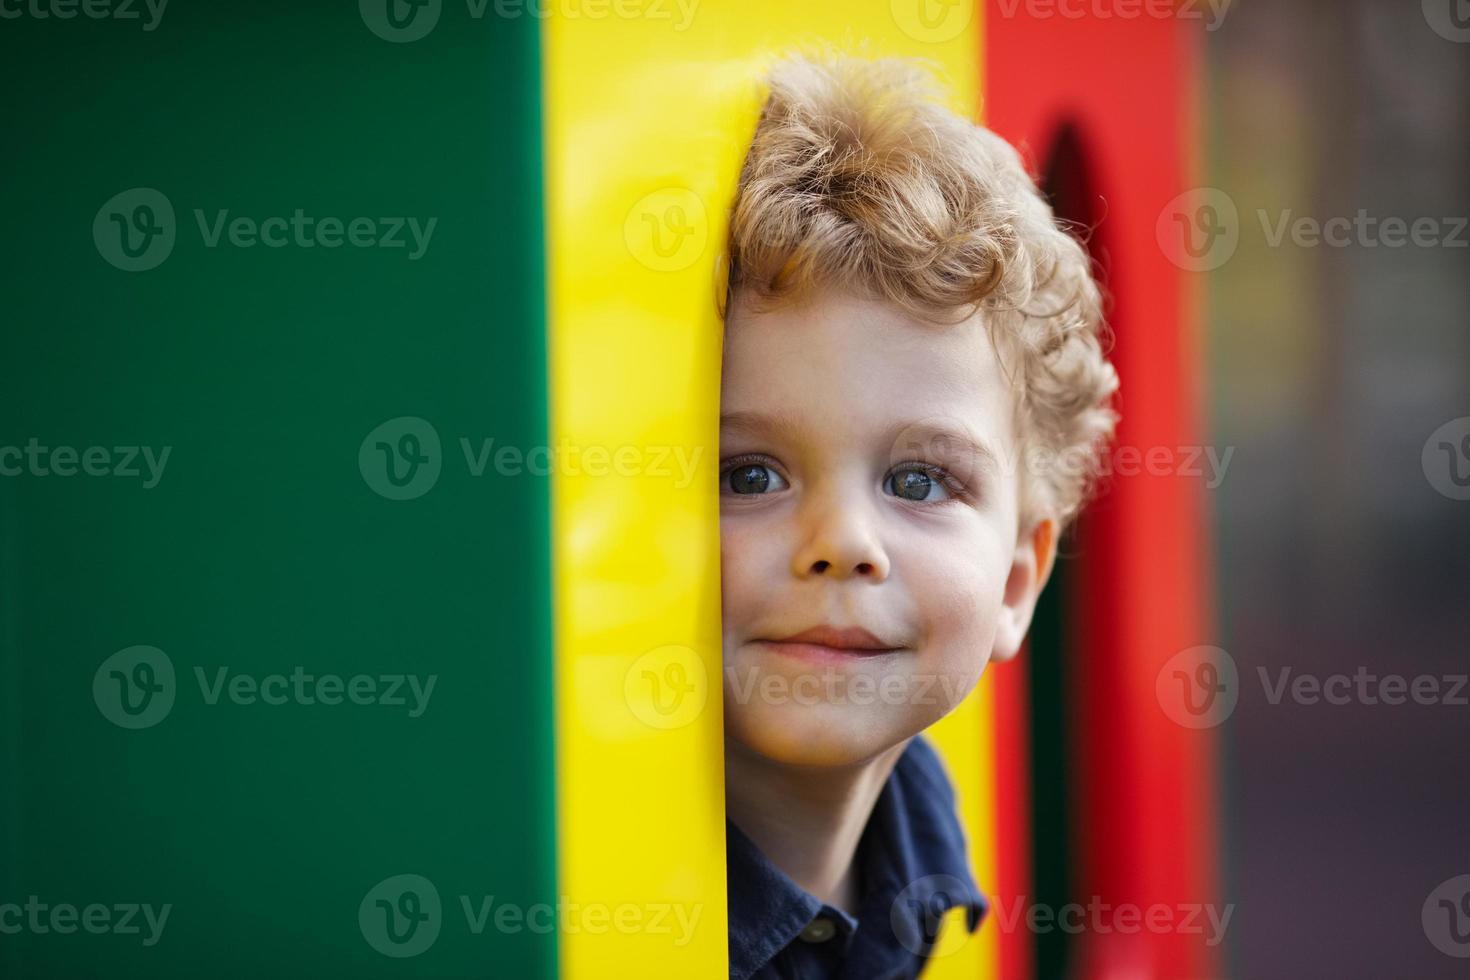 il ragazzino fa capolino da dietro la copertura foto